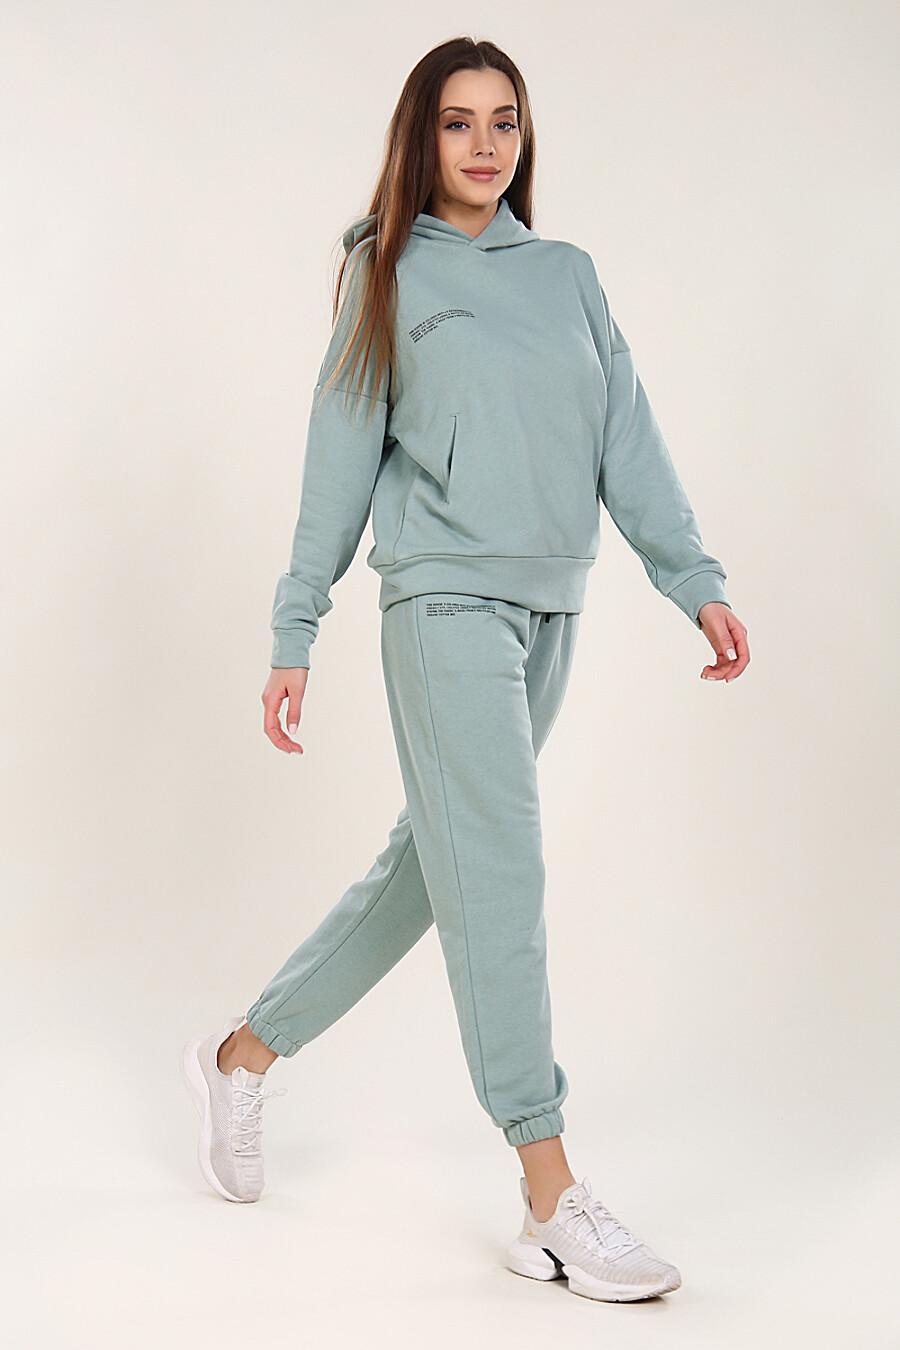 Костюм 16038 для женщин НАТАЛИ 289682 купить оптом от производителя. Совместная покупка женской одежды в OptMoyo